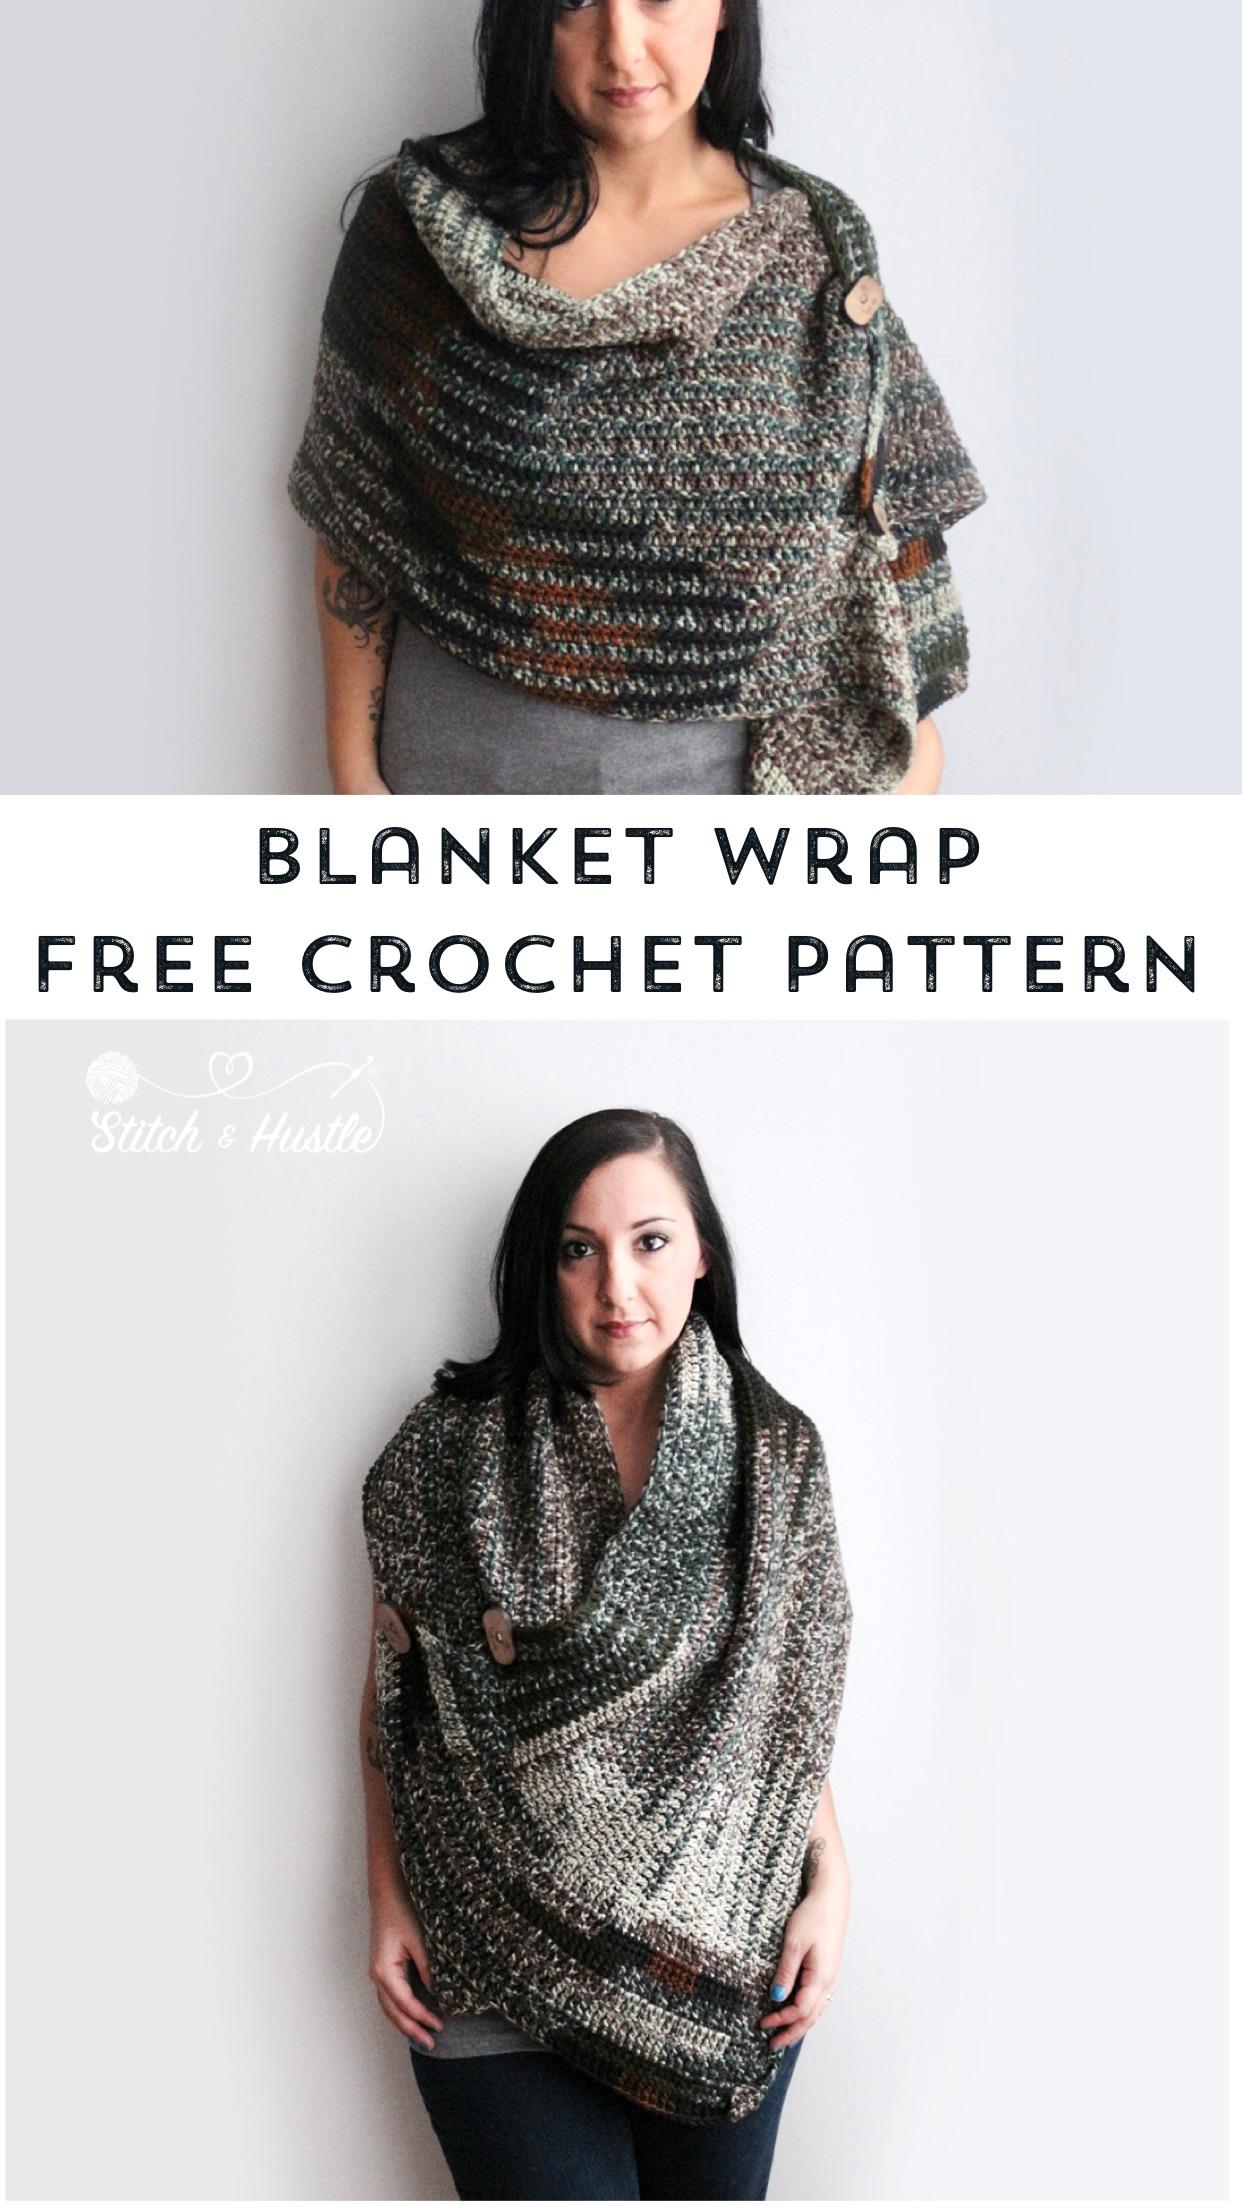 blanket_wrap_free_crochet_pattern.jpg